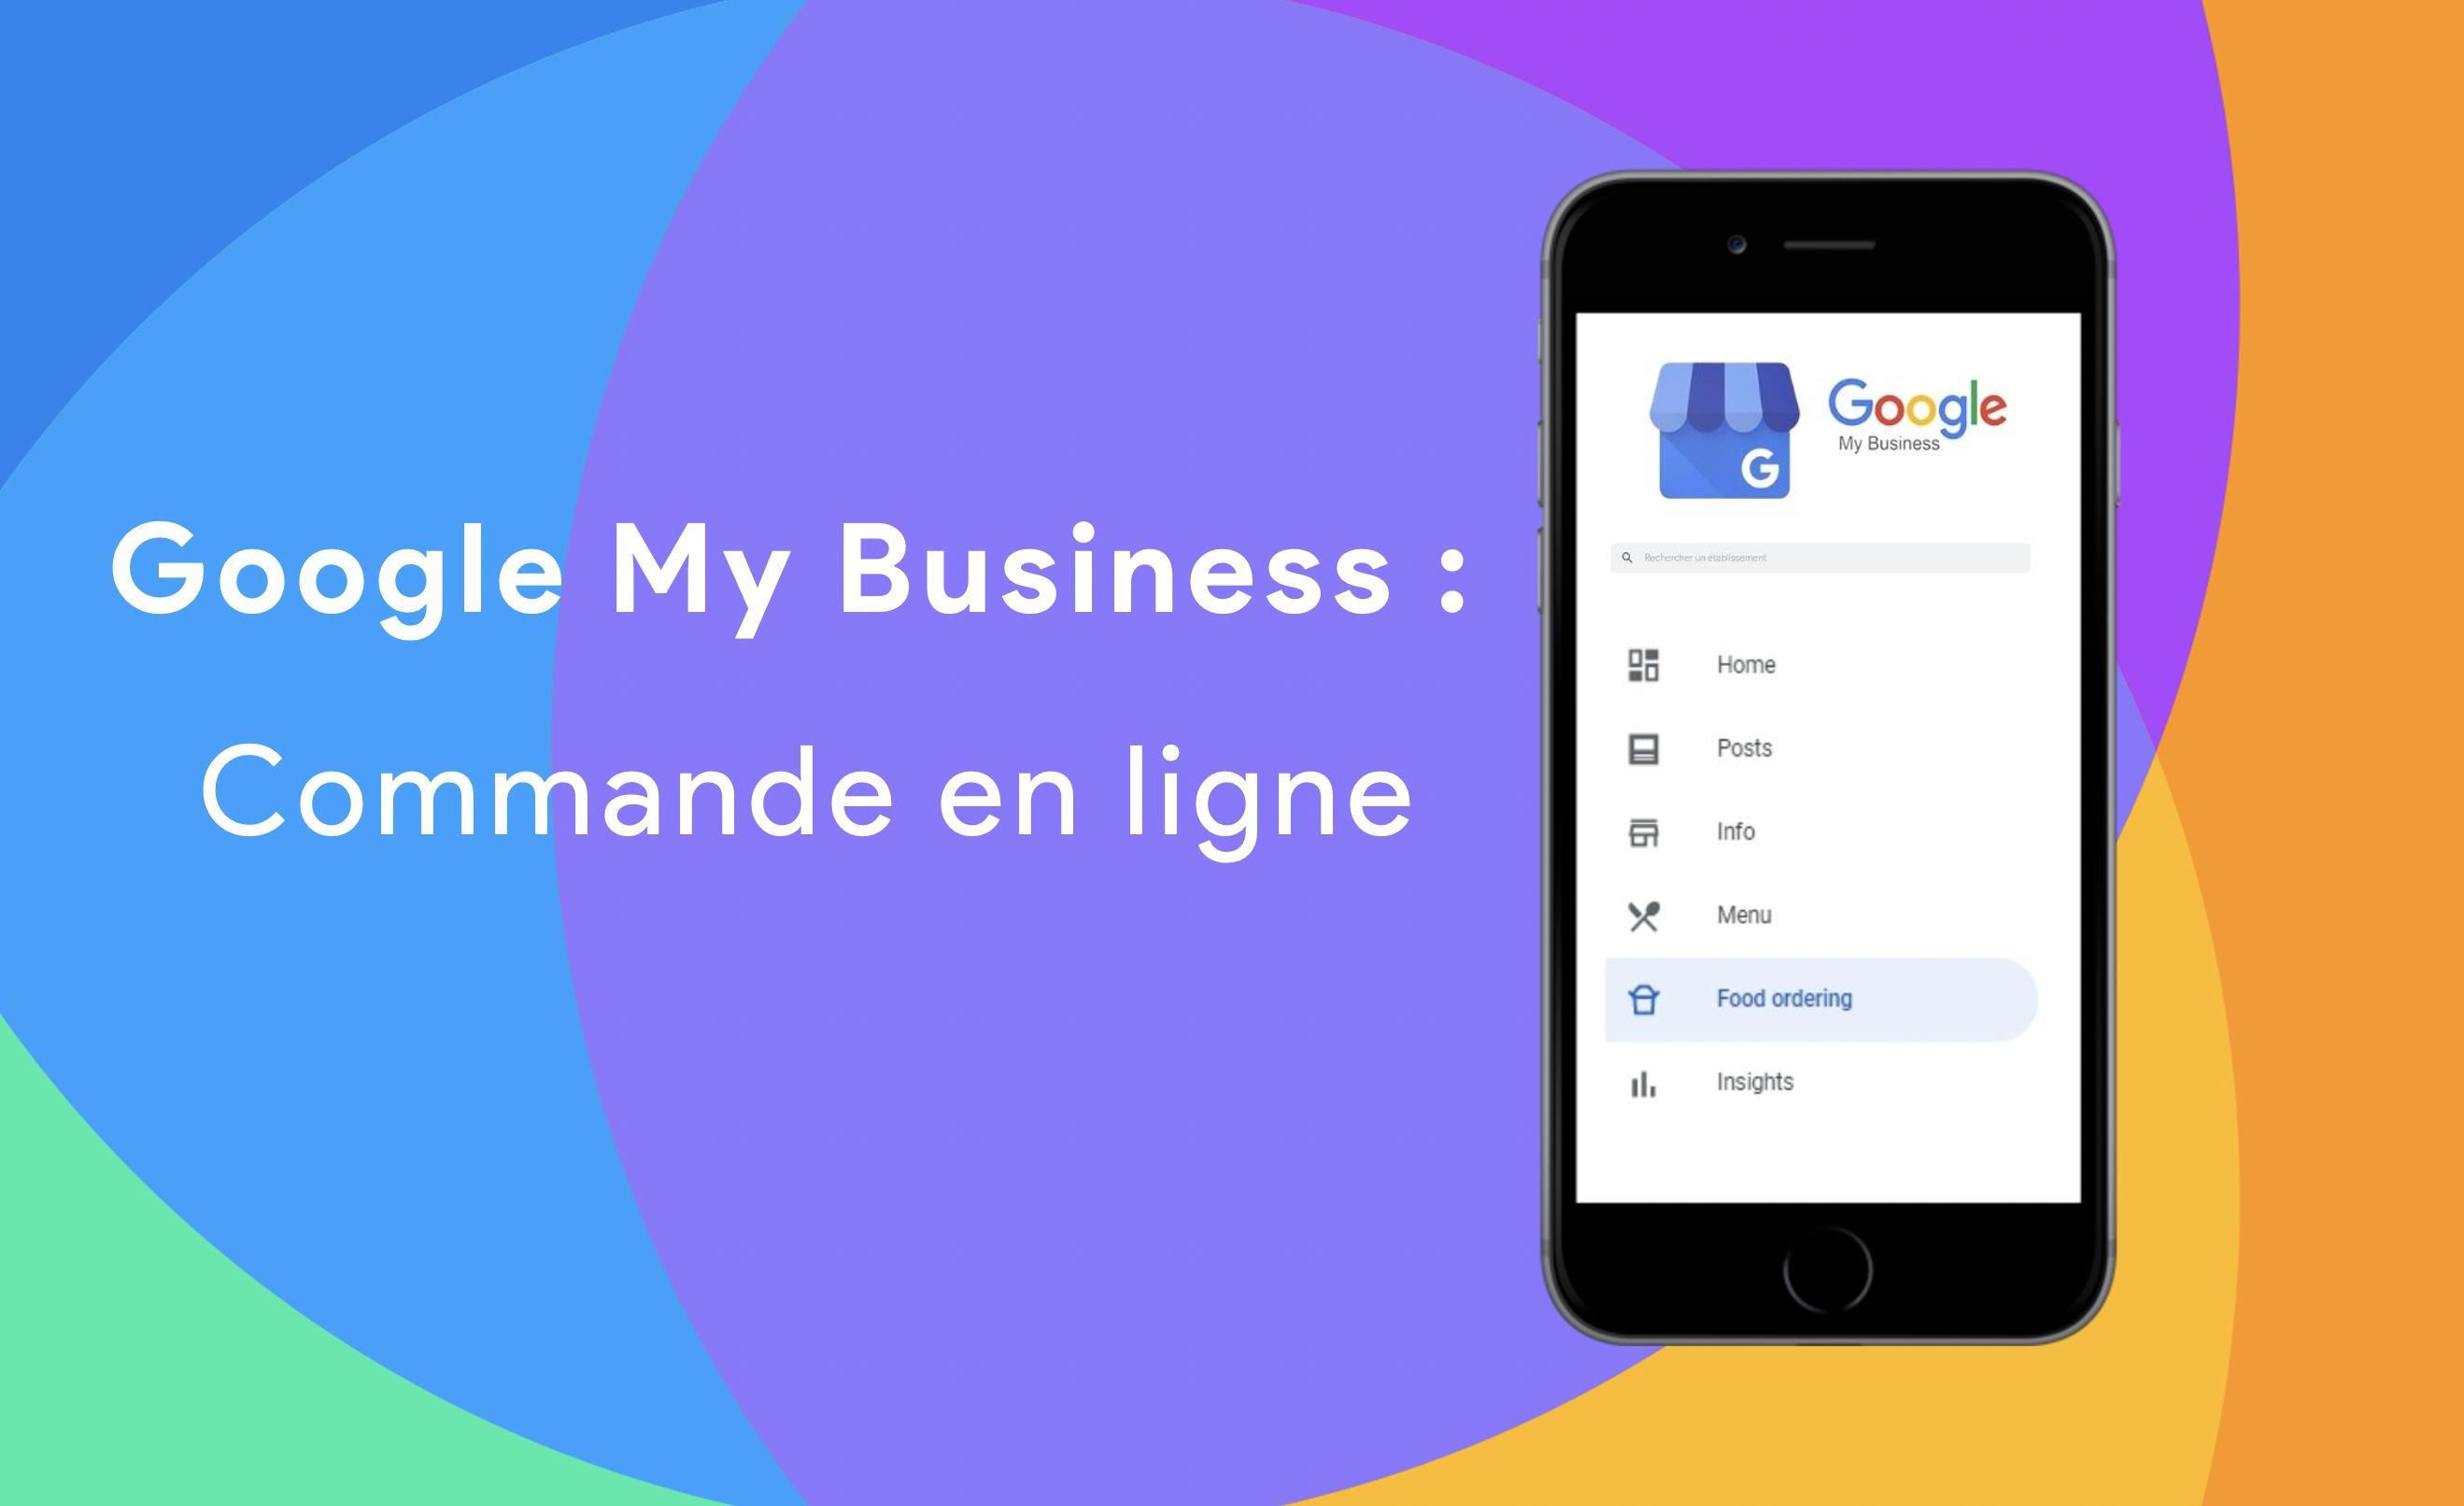 Commande en ligne sur Google my business